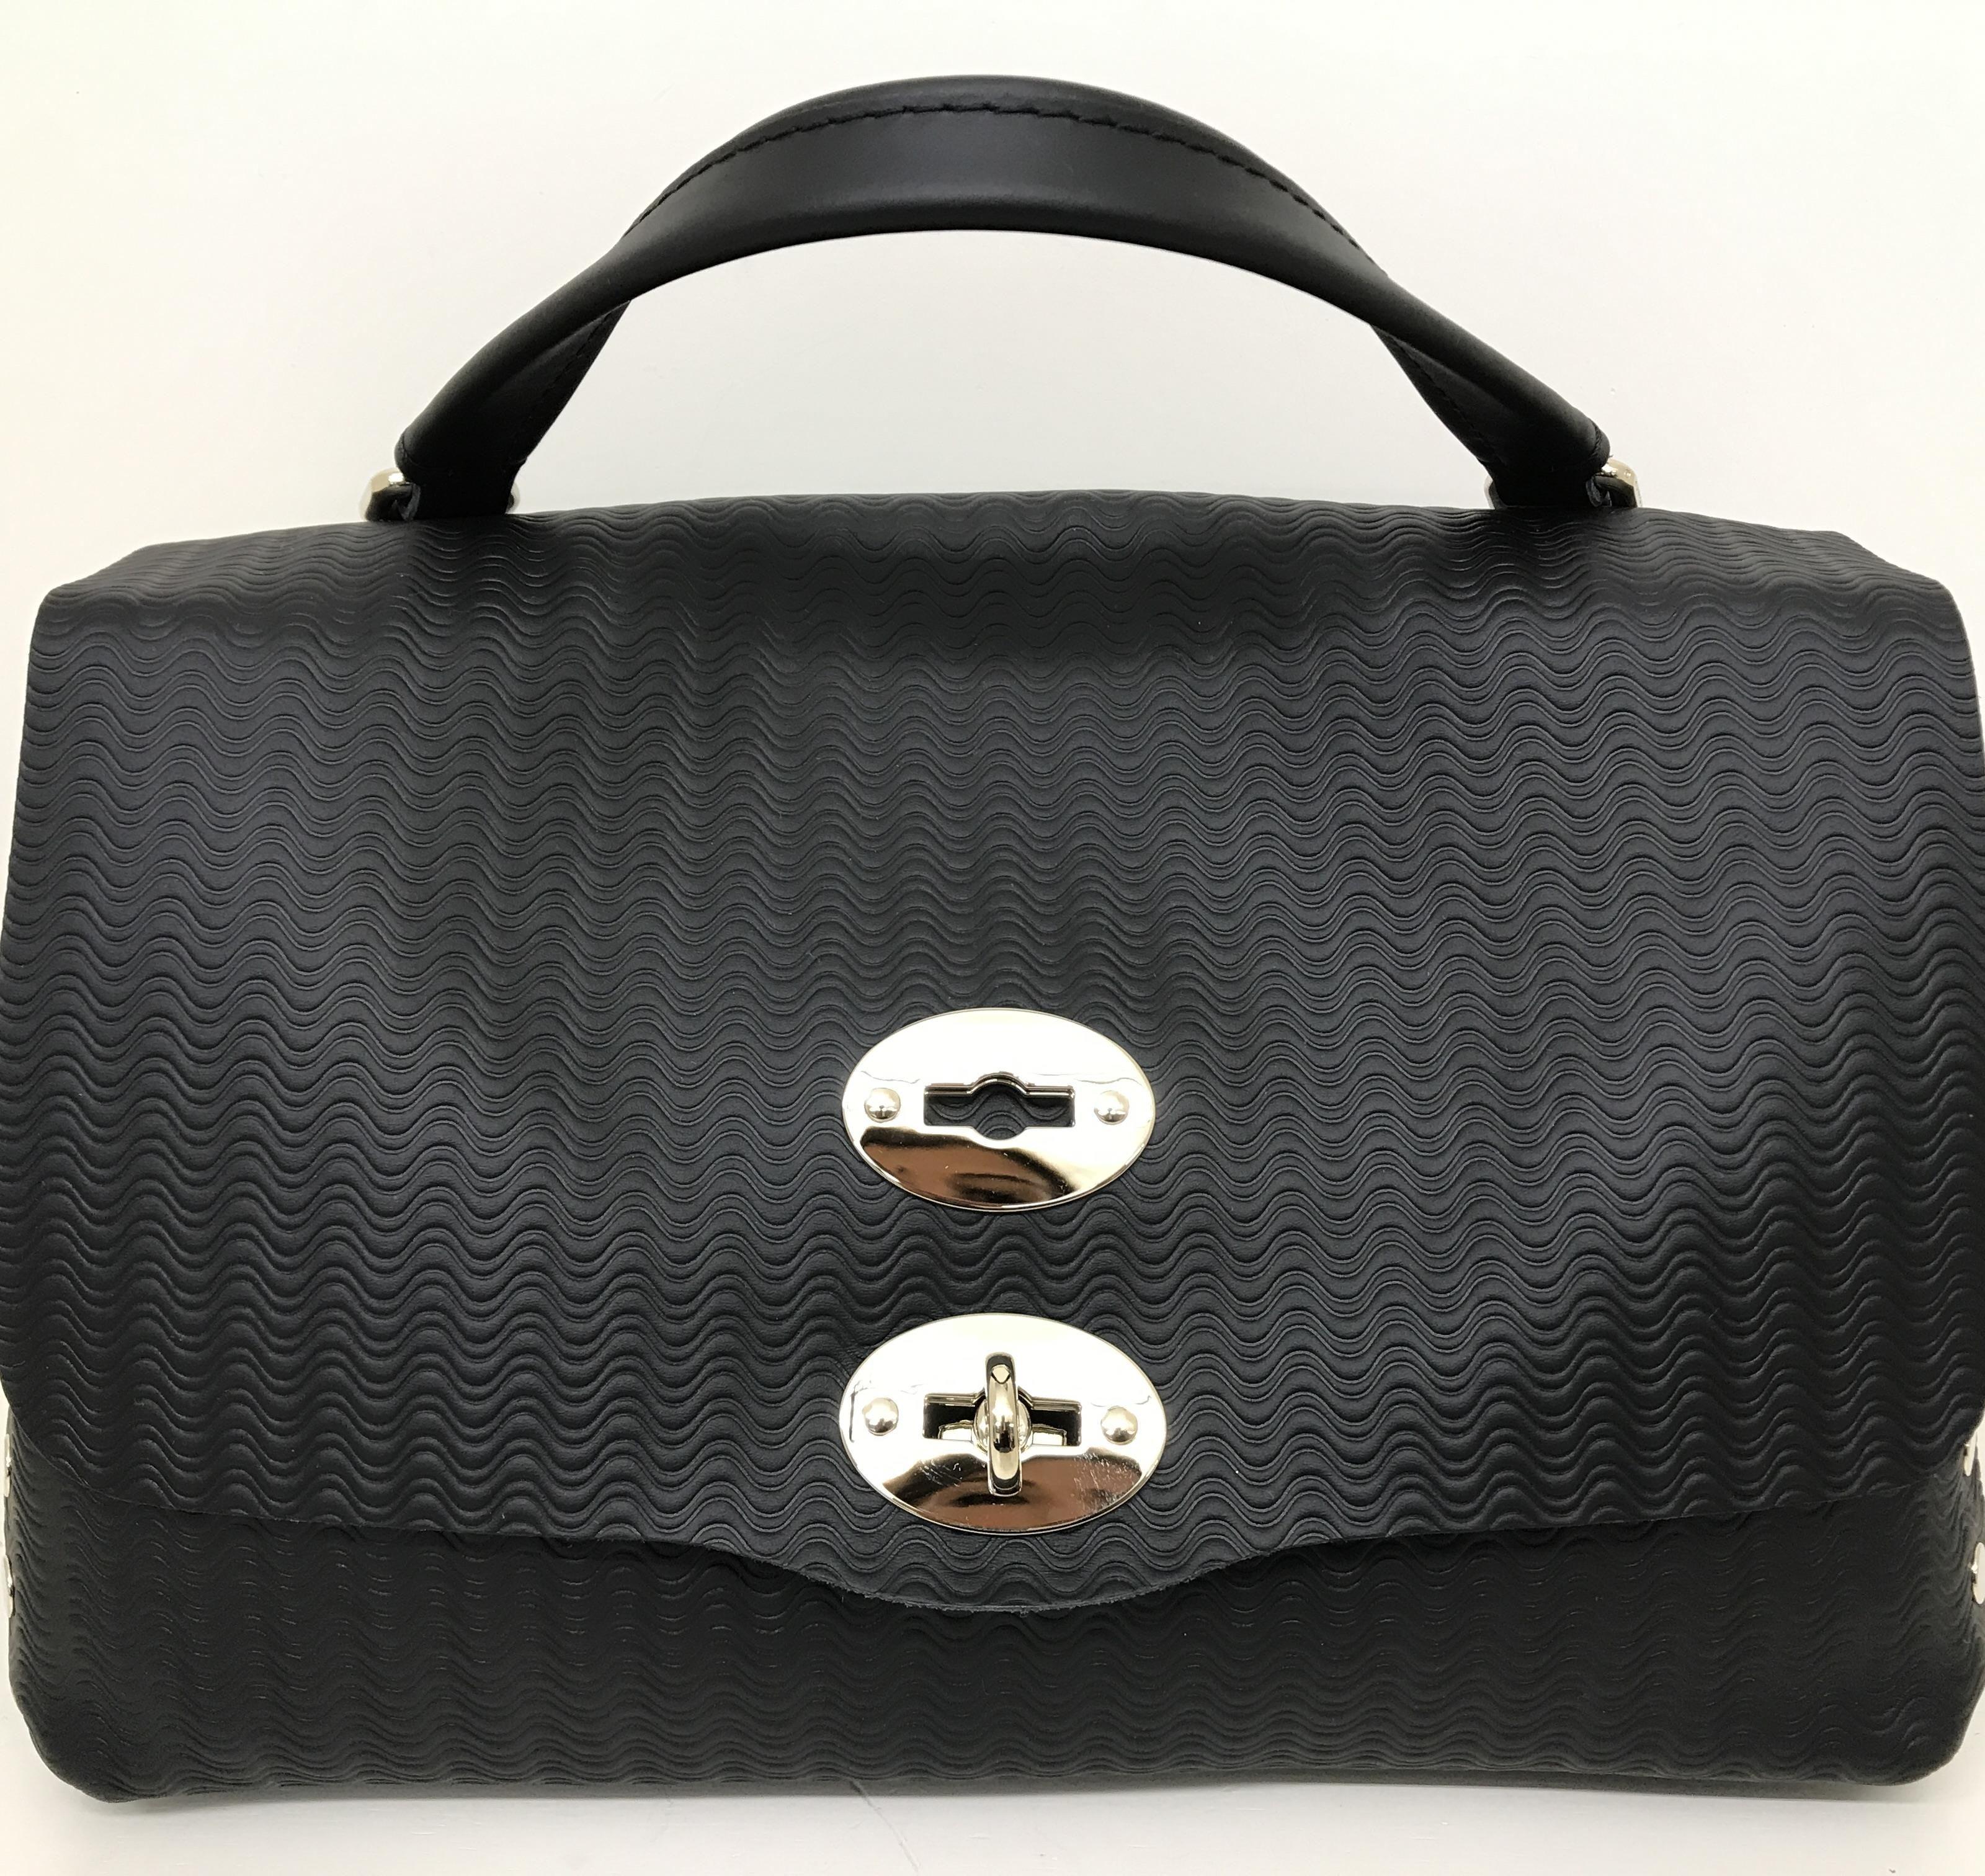 SMALL POSTINA SHOULDER BAG